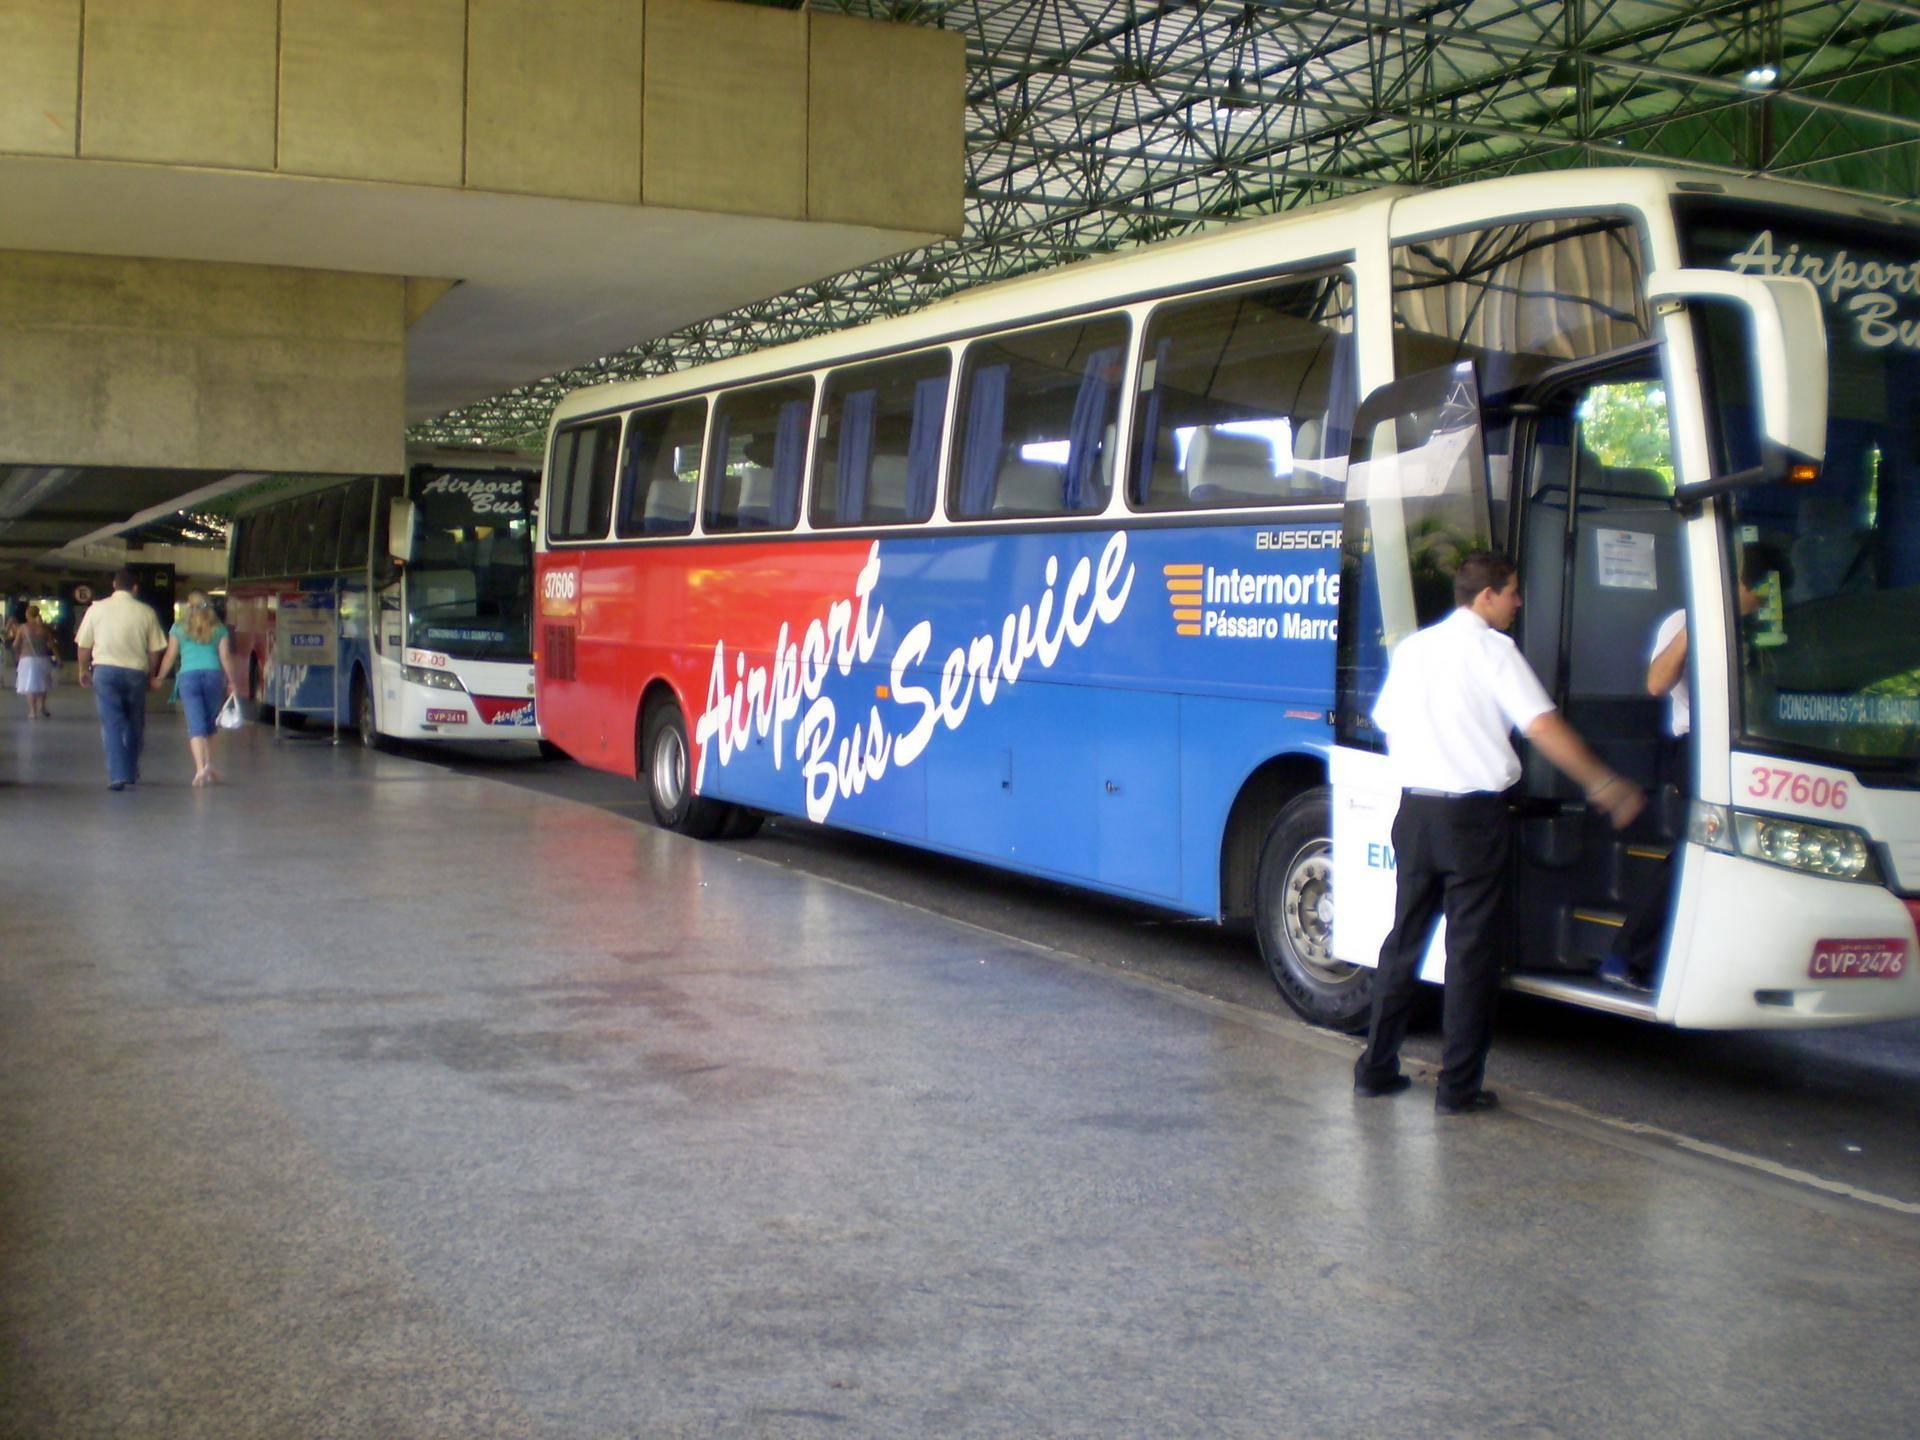 Aeroporto Sp : Ônibus de santos para os aeroportos de sp